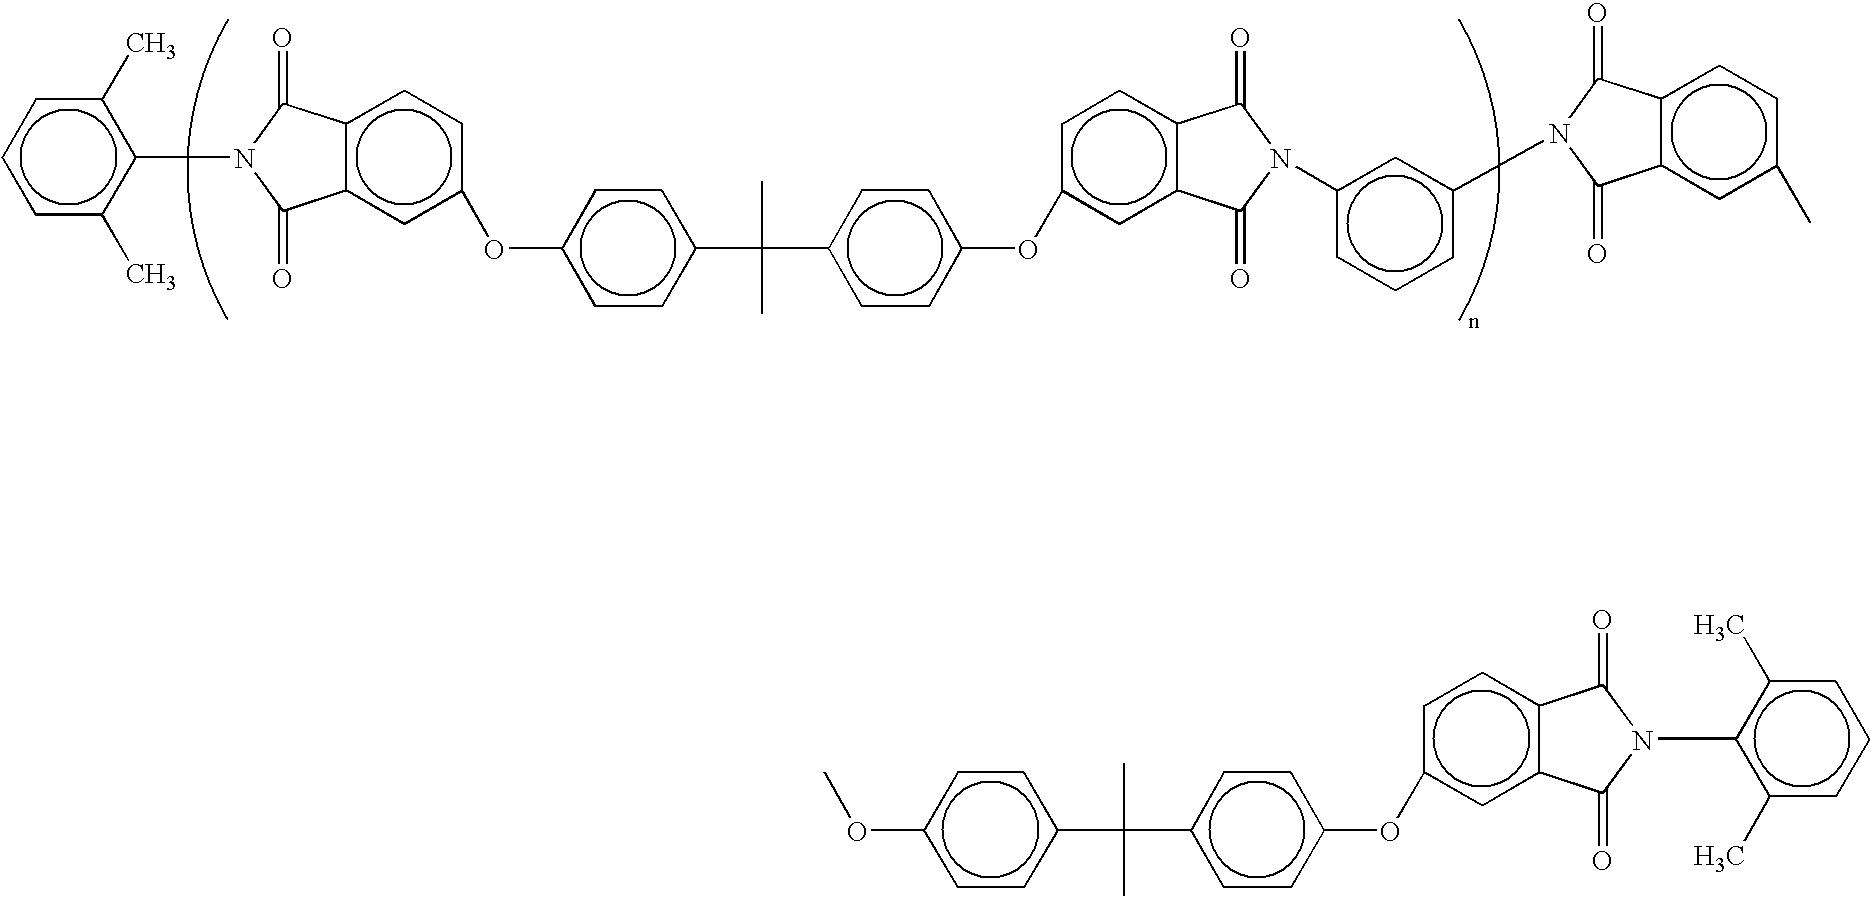 Figure US20090038750A1-20090212-C00013